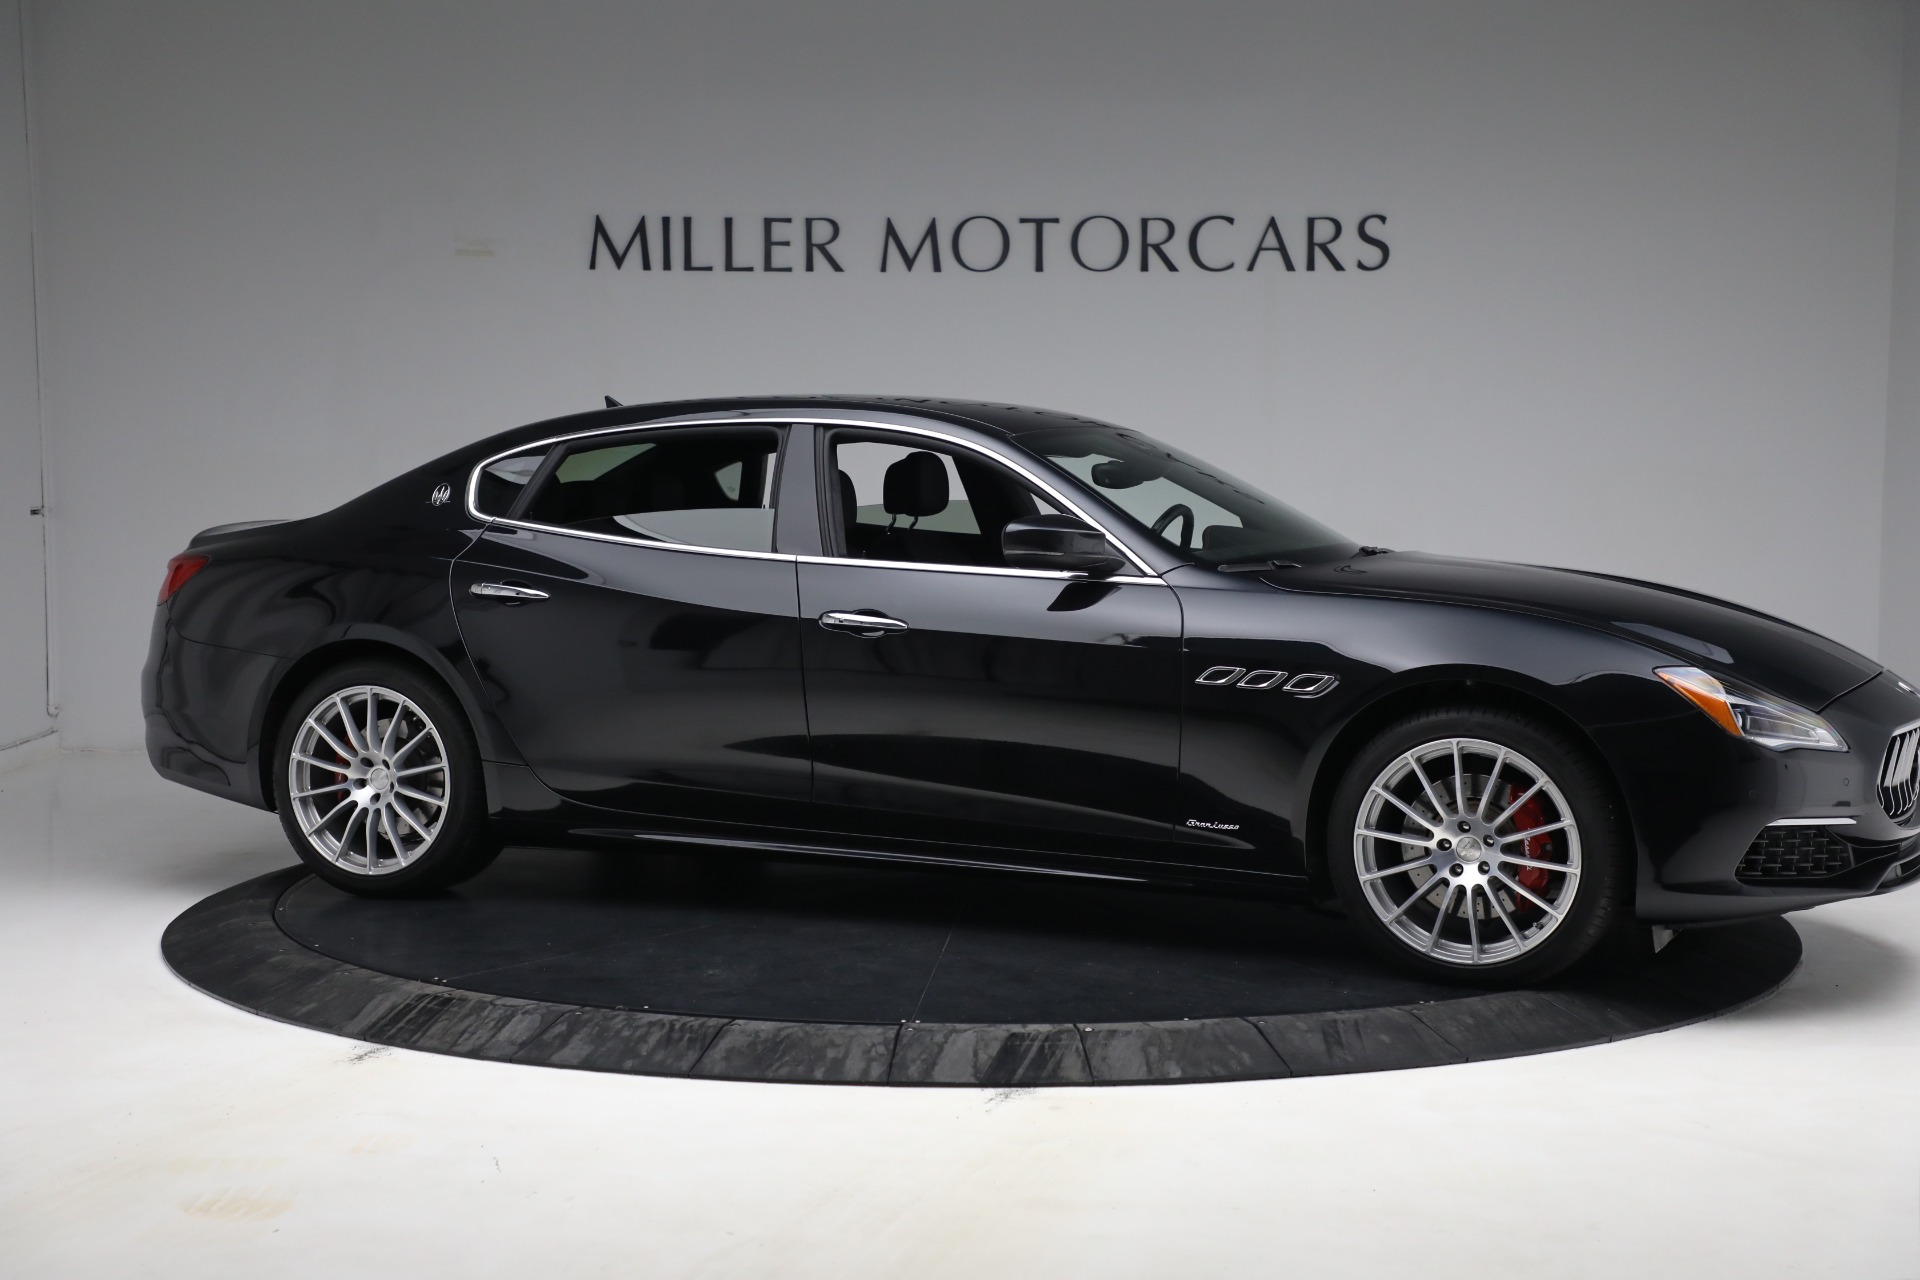 New 2019 Maserati Quattroporte S Q4 GranLusso For Sale In Westport, CT 2619_p10